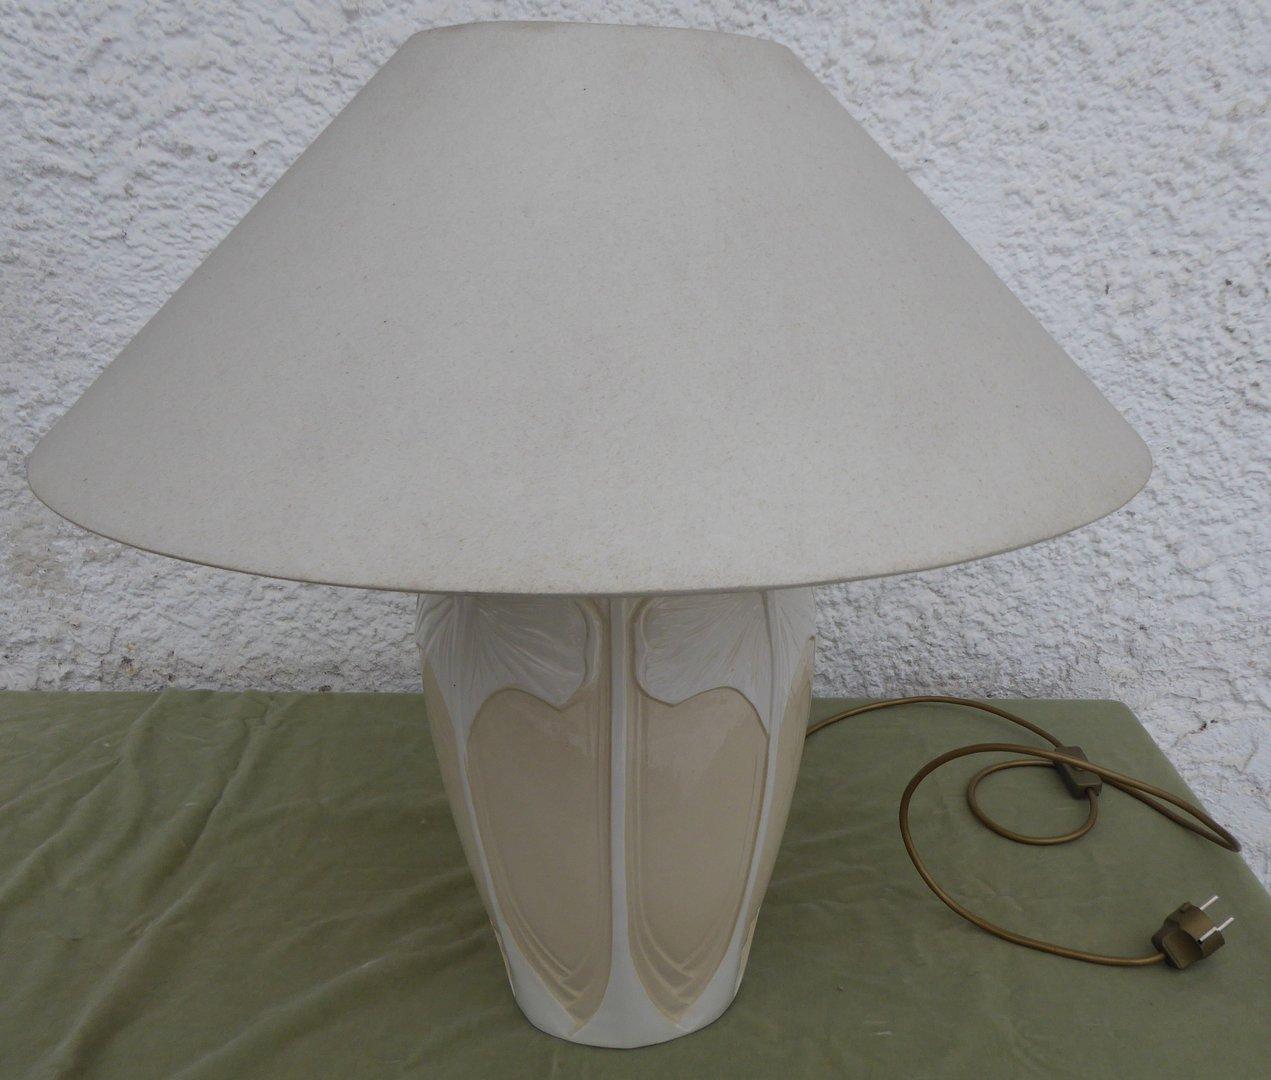 Lampe Im Stil Des Jugendstils Mit Schirm